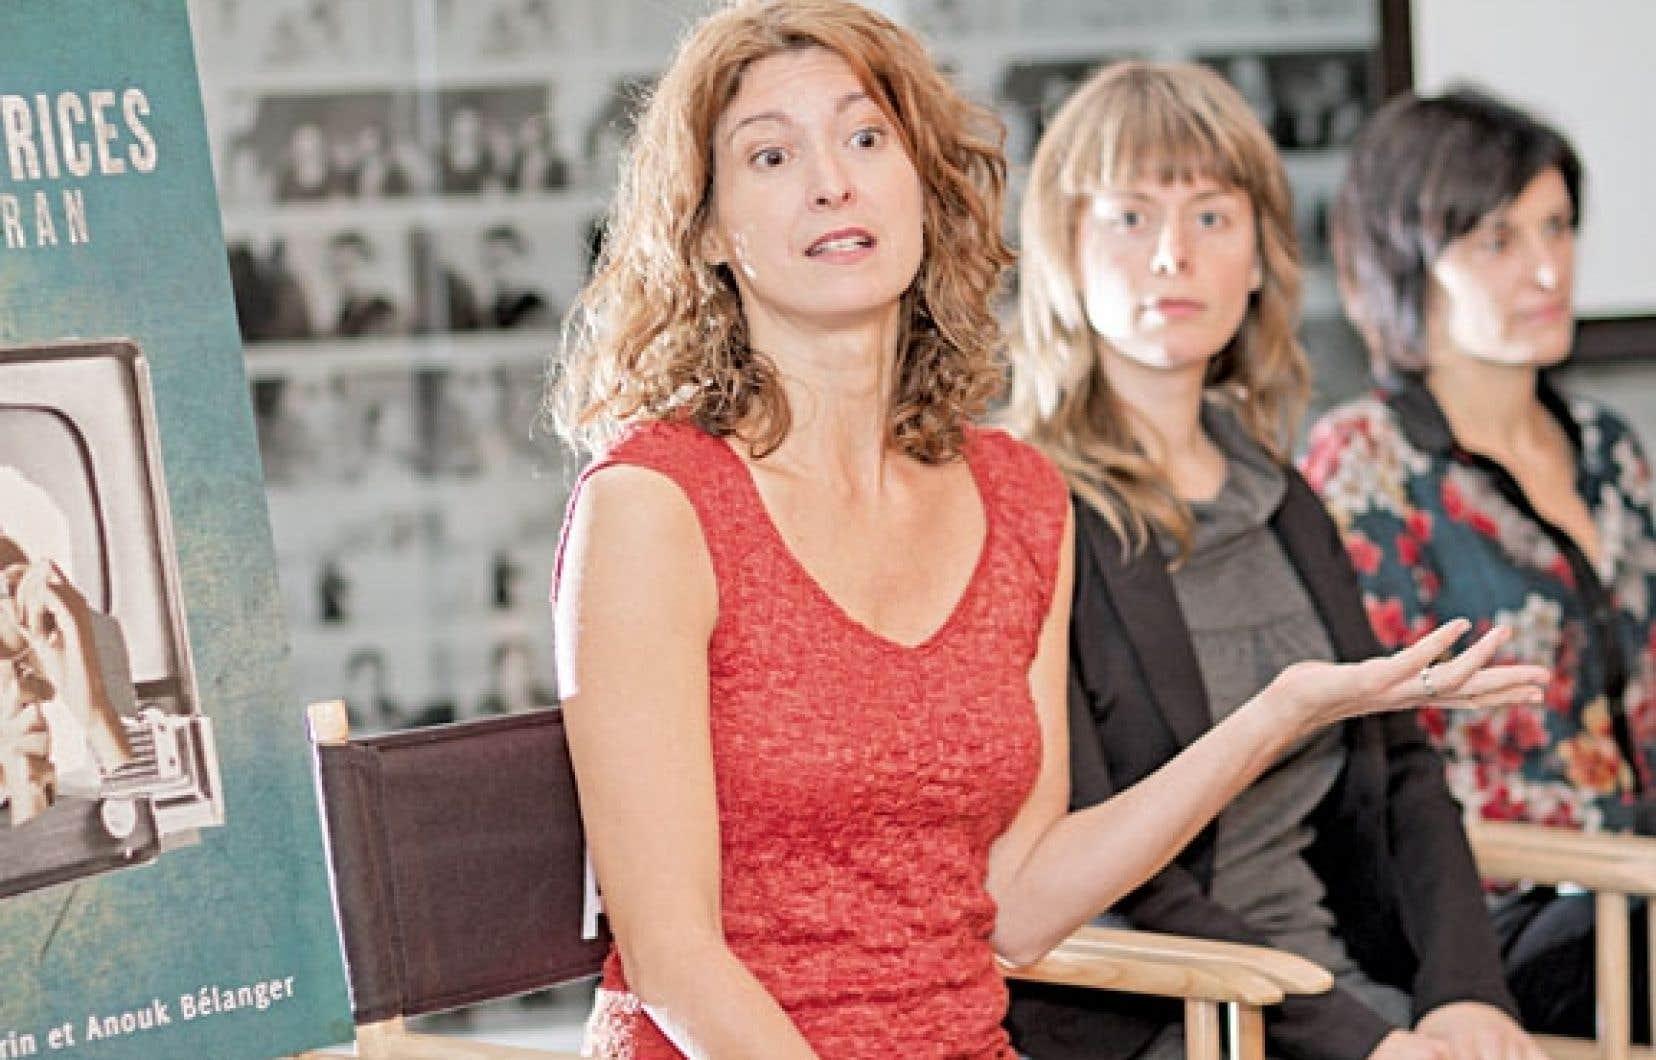 L'étude Les réalisatrices du petit écran a été pilotée par la réalisatrice Marie-Pascale Laurencelle (avant-plan) et menée par la recherchiste Anne Migner-Laurin sous la direction d'Anouk Bélanger.